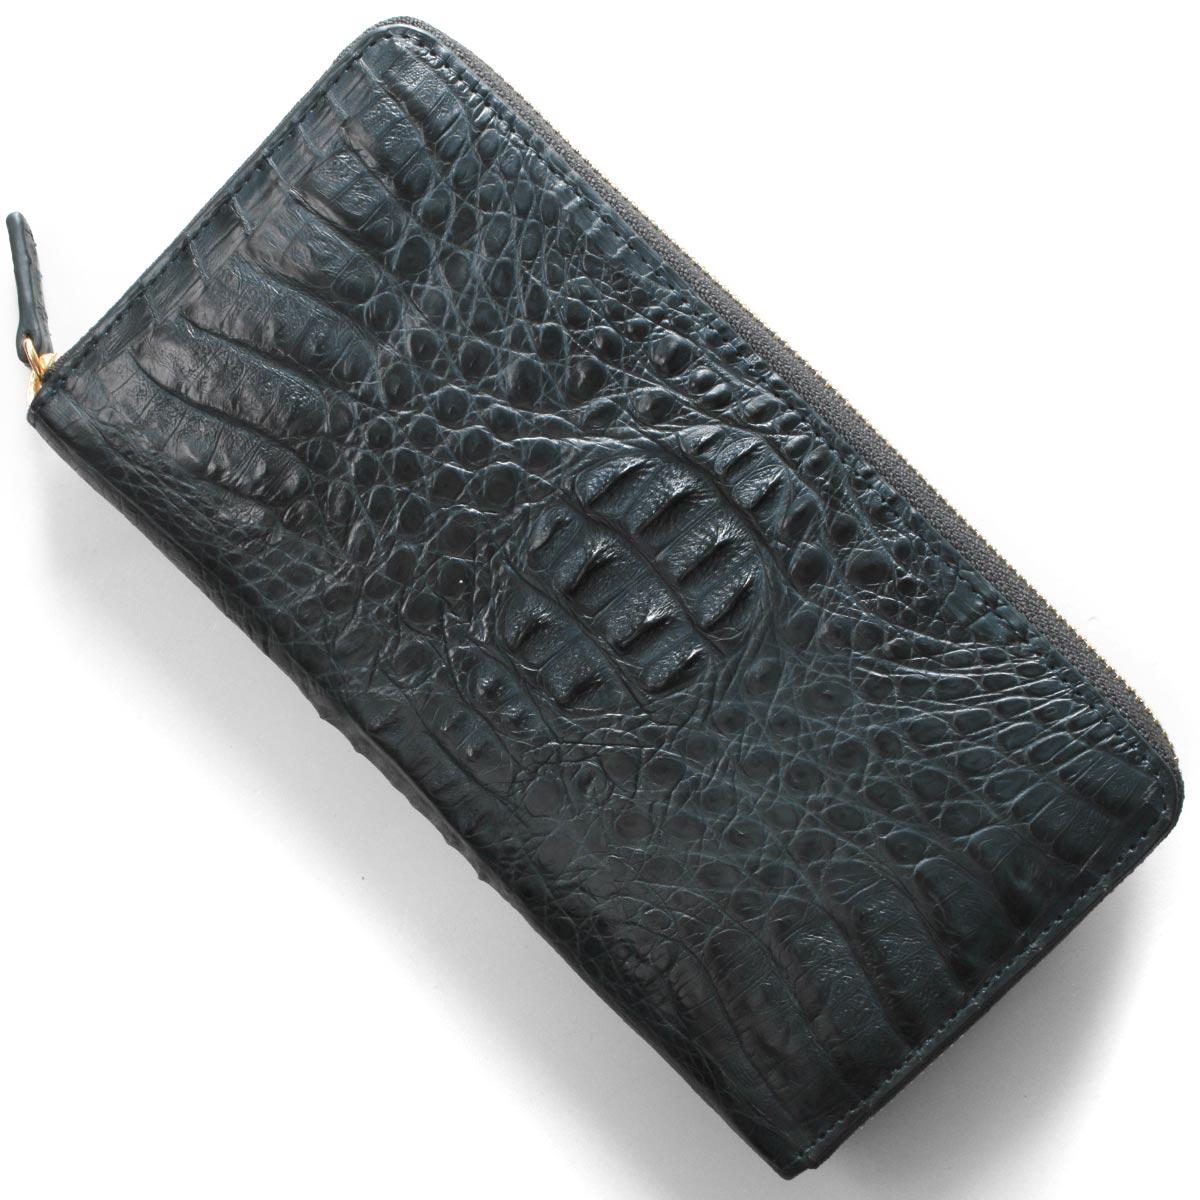 本革 長財布 財布 メンズ レディース カイマンワニ ネイビーマット CJN0477A NVMT Leather